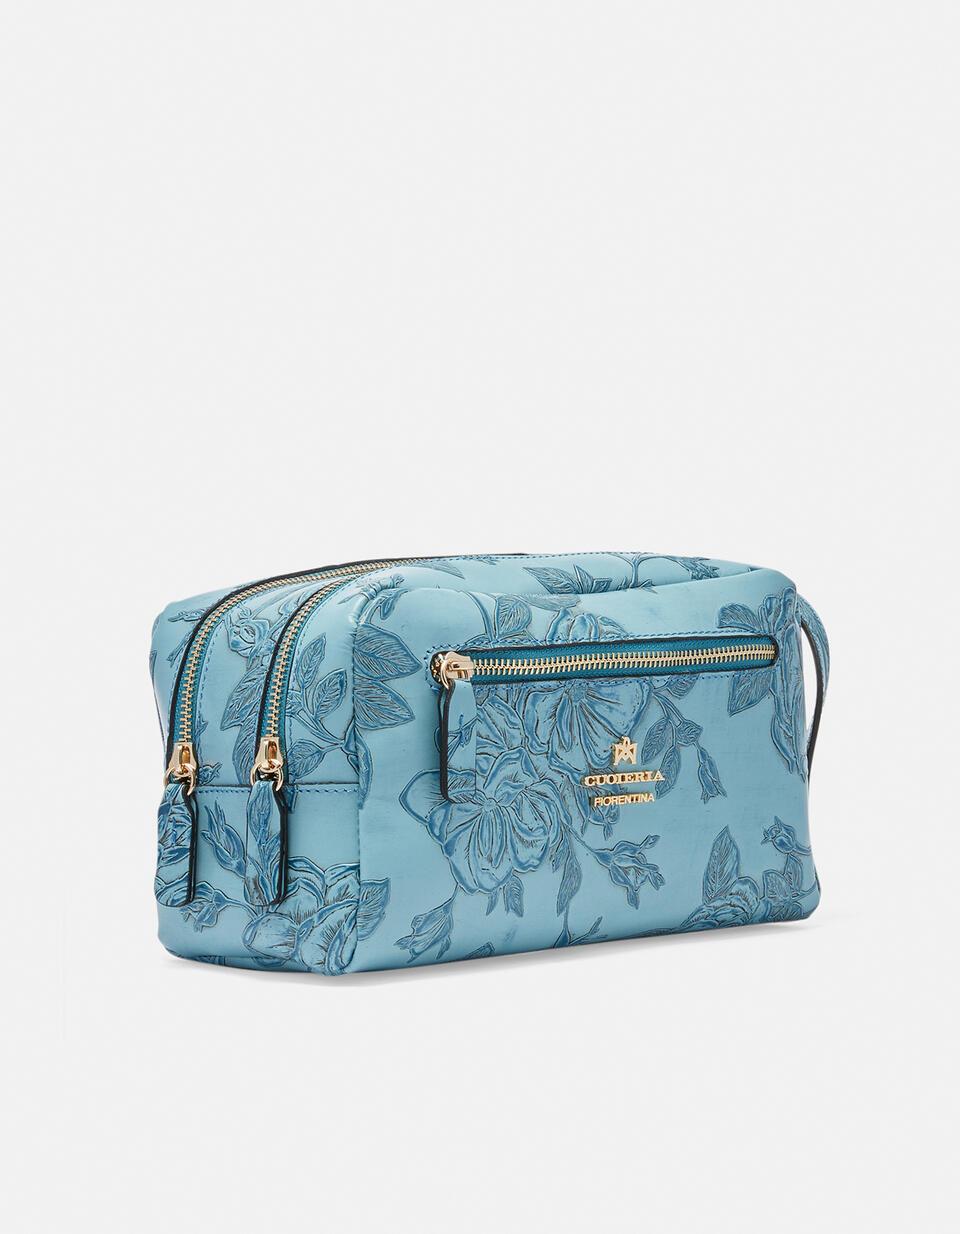 Classic Mimì beauty case with two compartments Mimì CELESTE Cuoieria Fiorentina